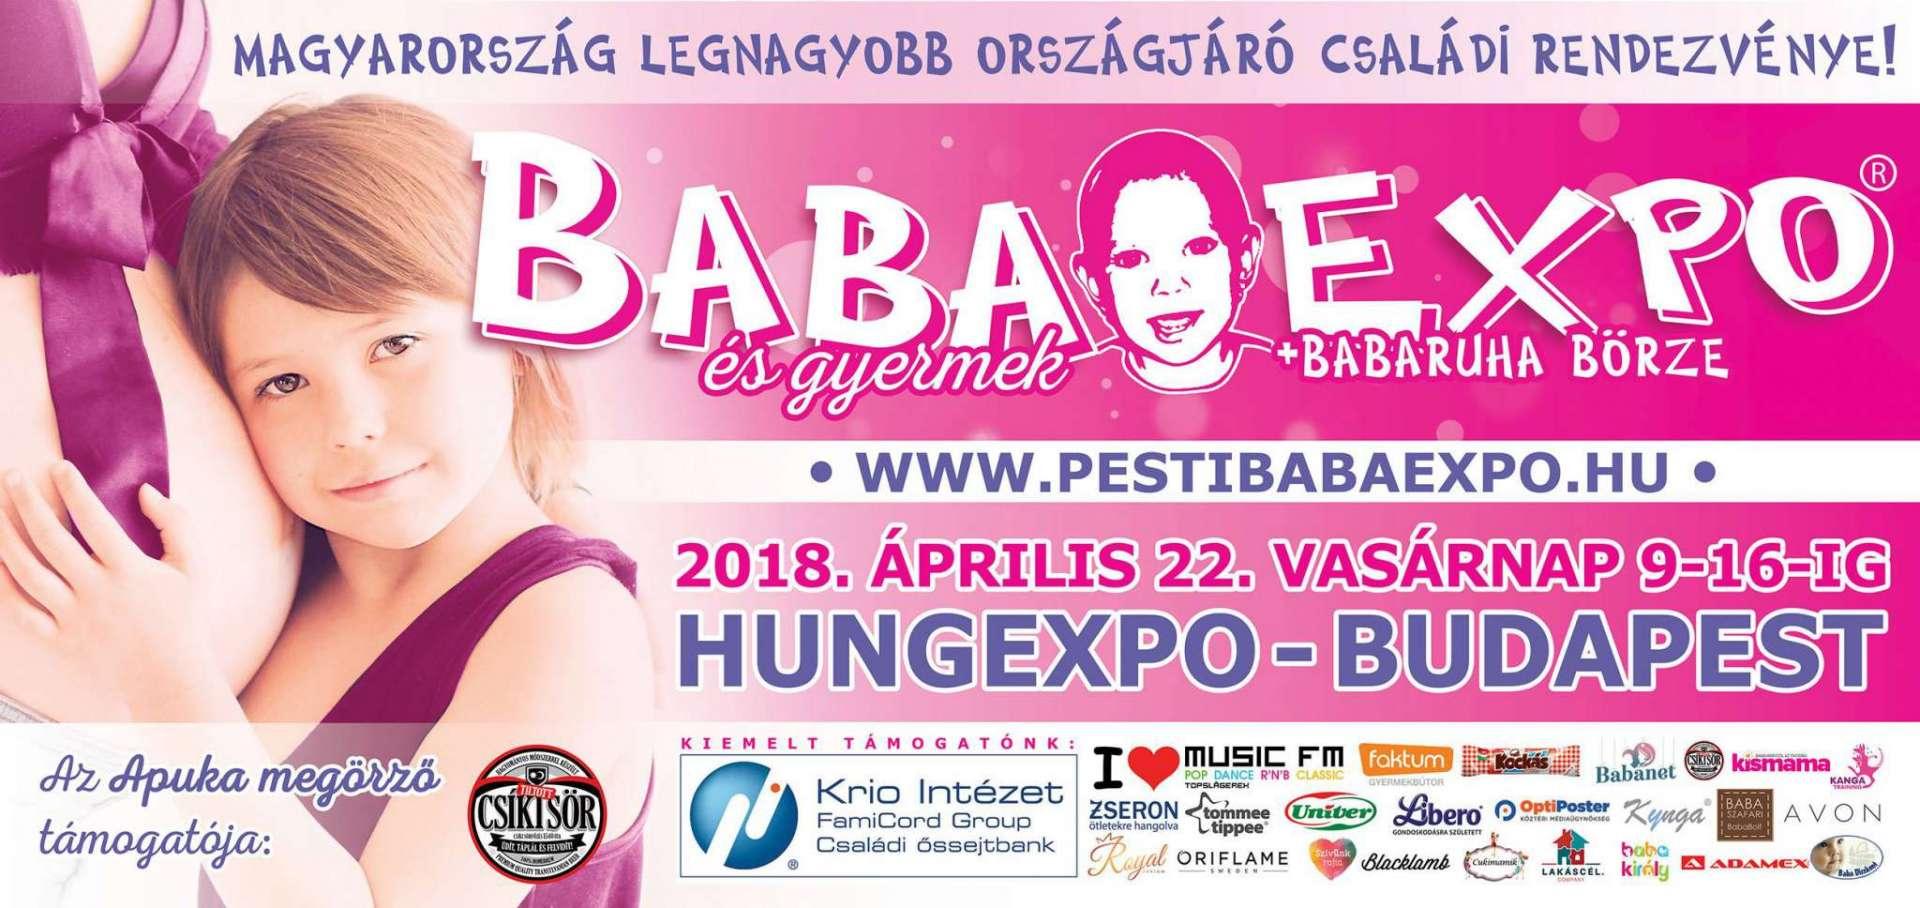 81df84ec4f Baba-Expo és gyerekruha börze Budapesten | budapest.imami.hu